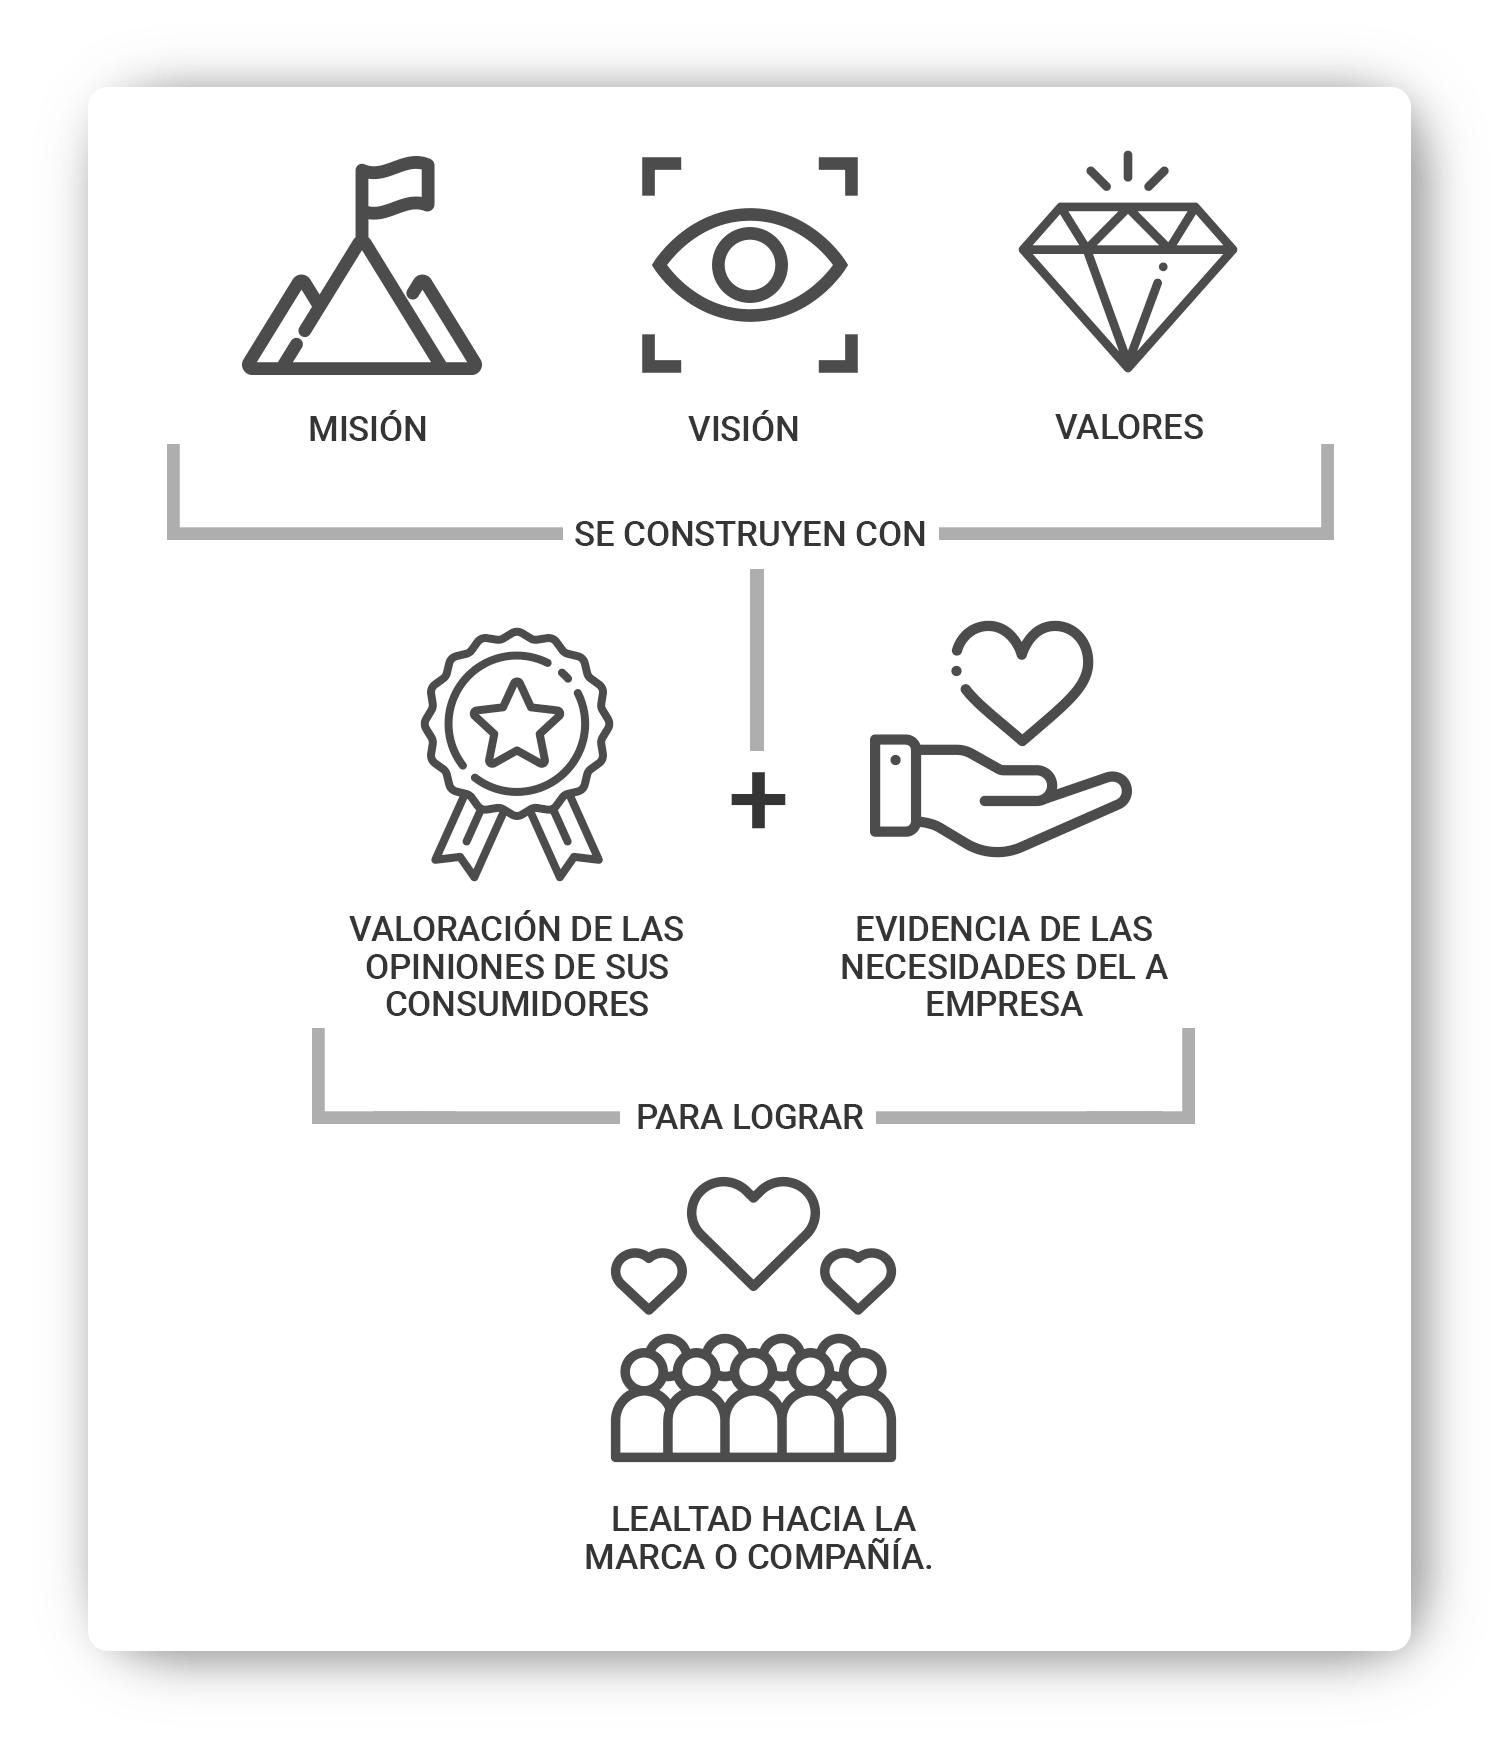 mision-vision-y-valores